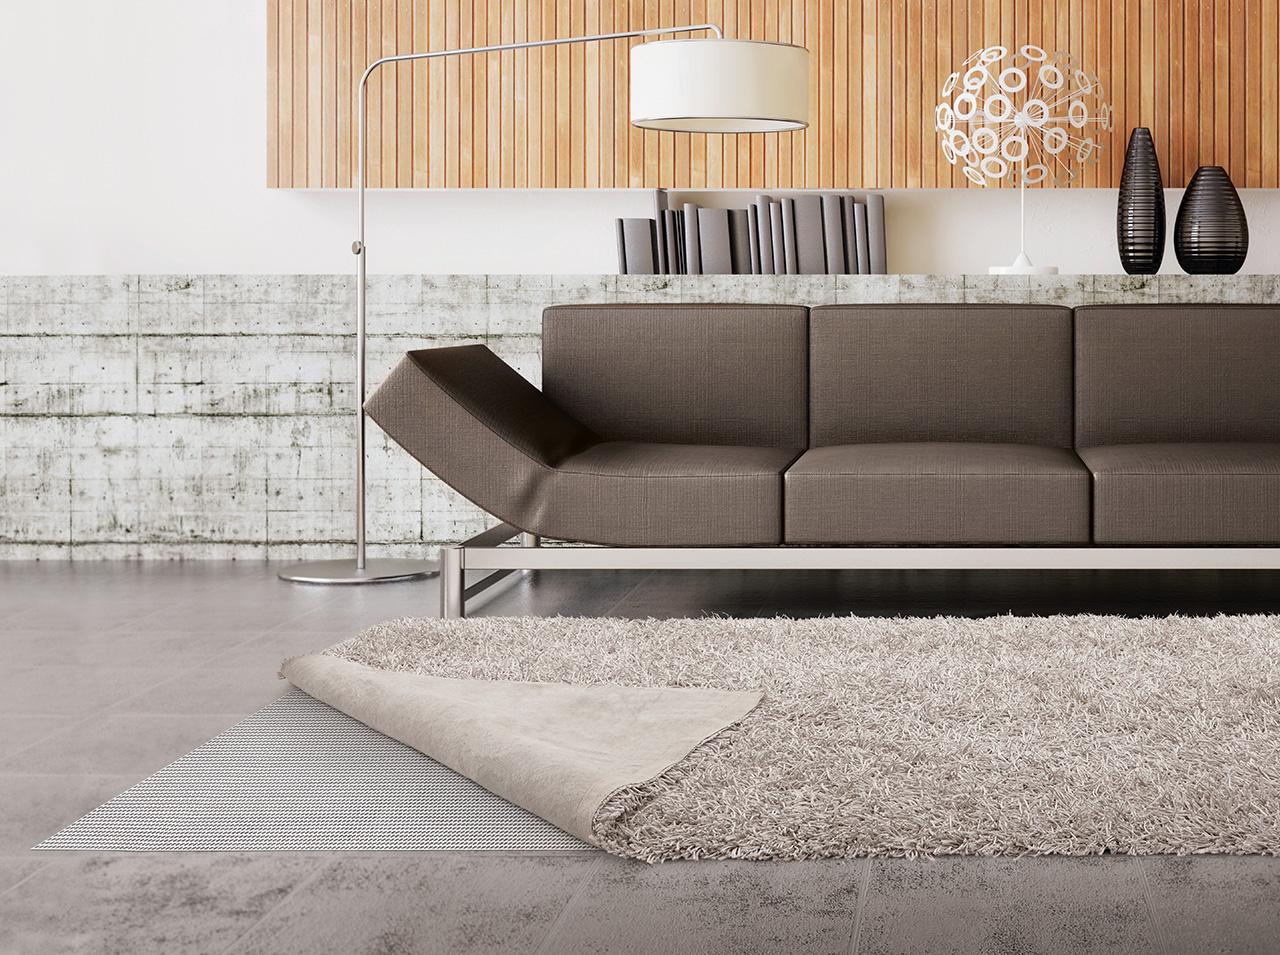 La posa dei tappetini d-c-floor® tra il pavimento e il tappetto garantisce un effetto antiscivolo.